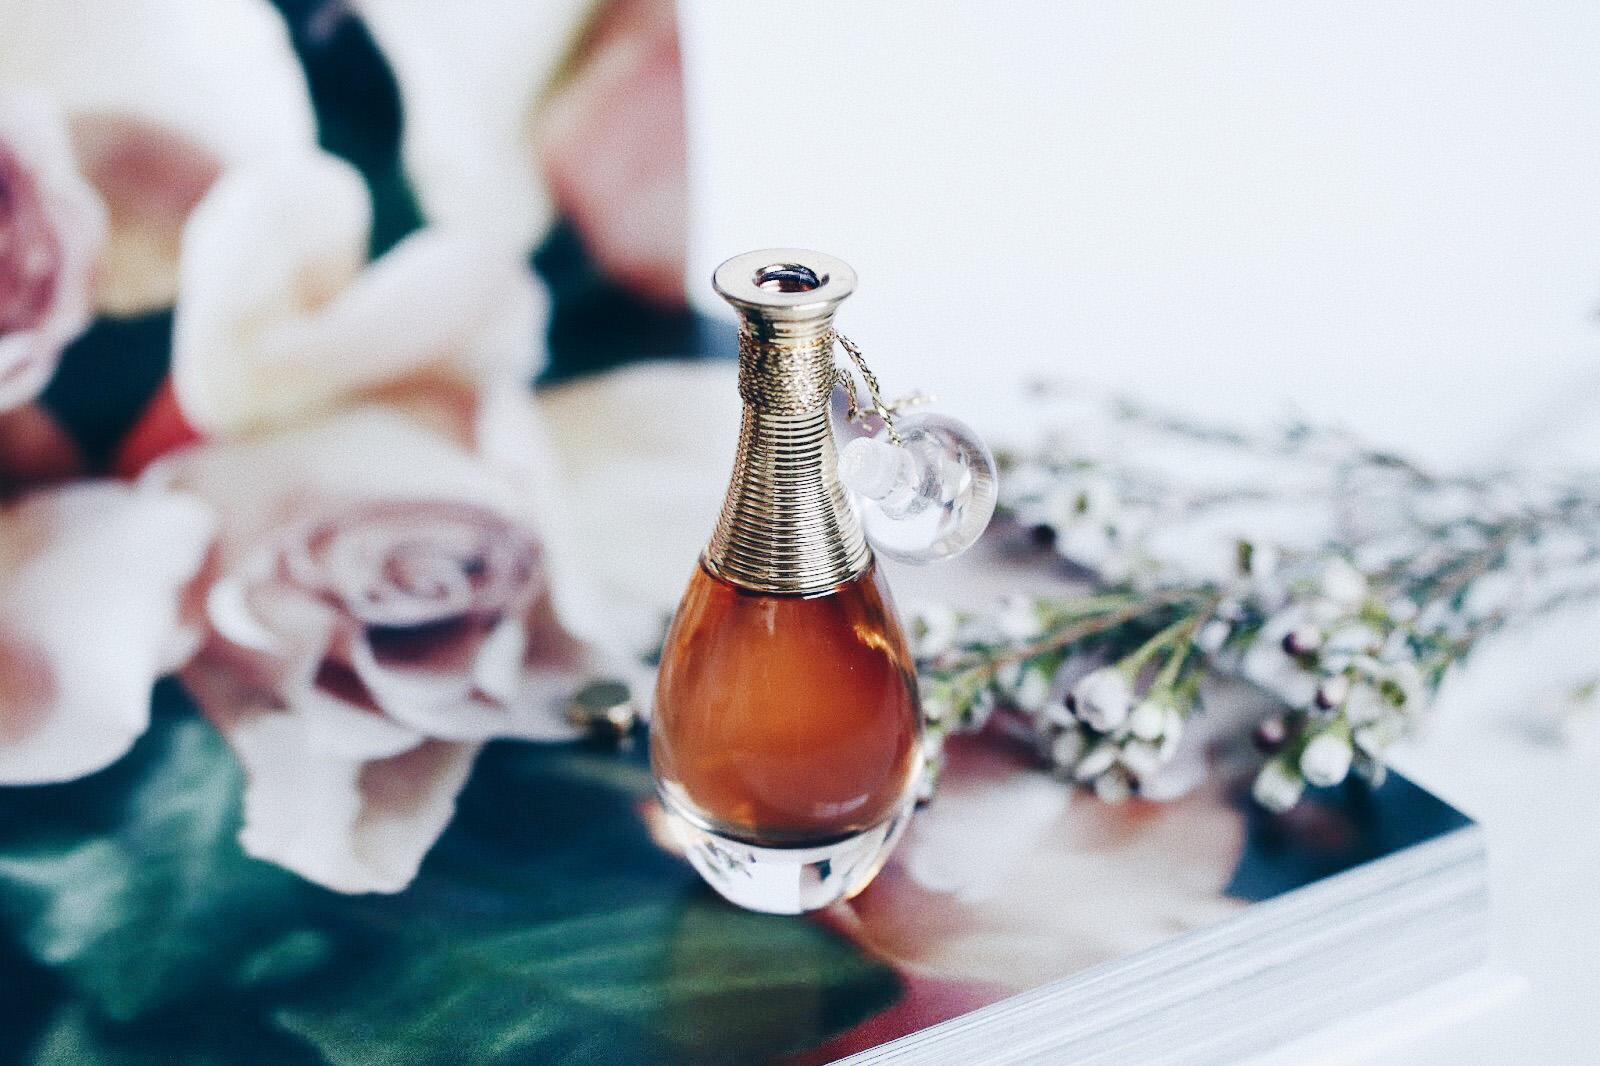 dior j'adore extrait de parfum avis test critique